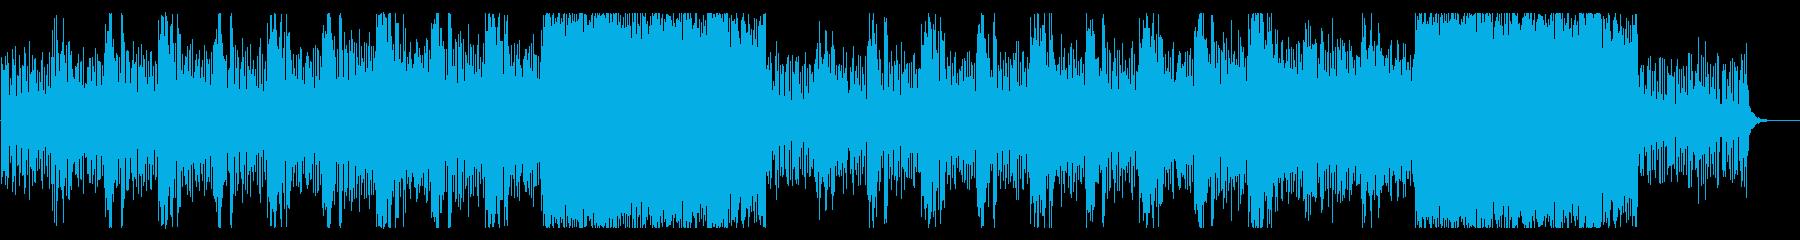 潜入・ダンジョン・戦闘系BGMの再生済みの波形